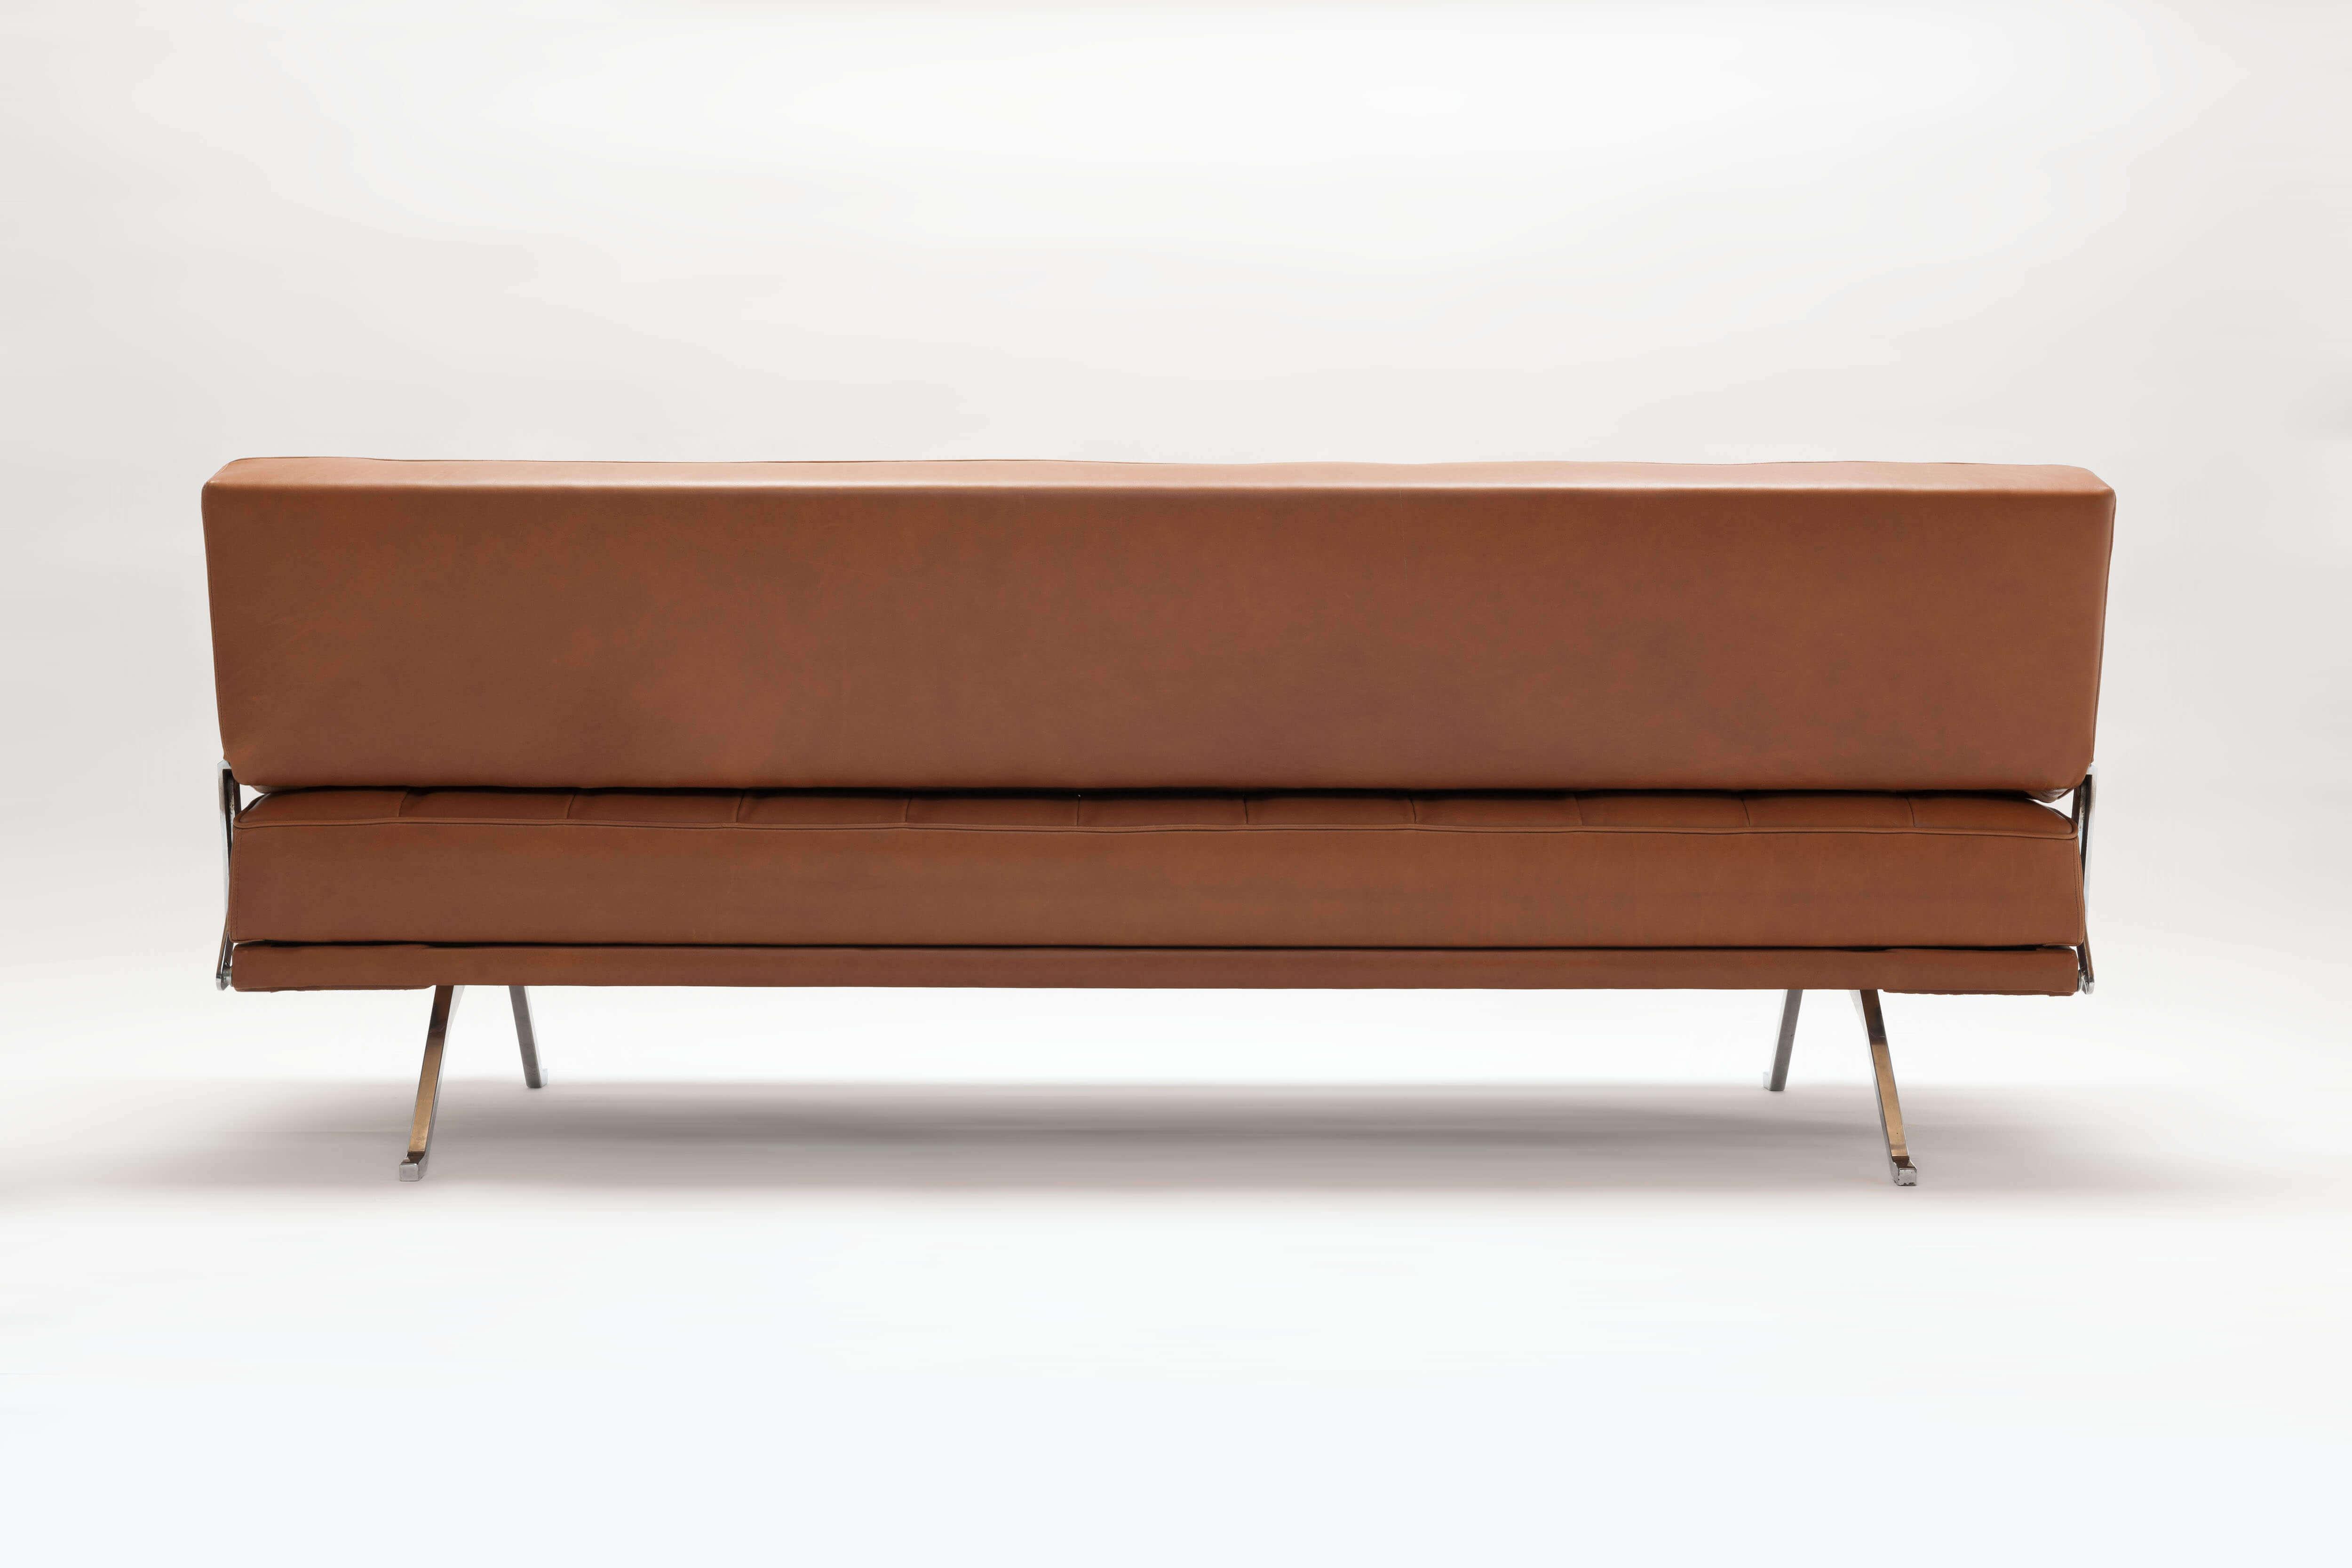 Vintage Constanze daybed & sofa